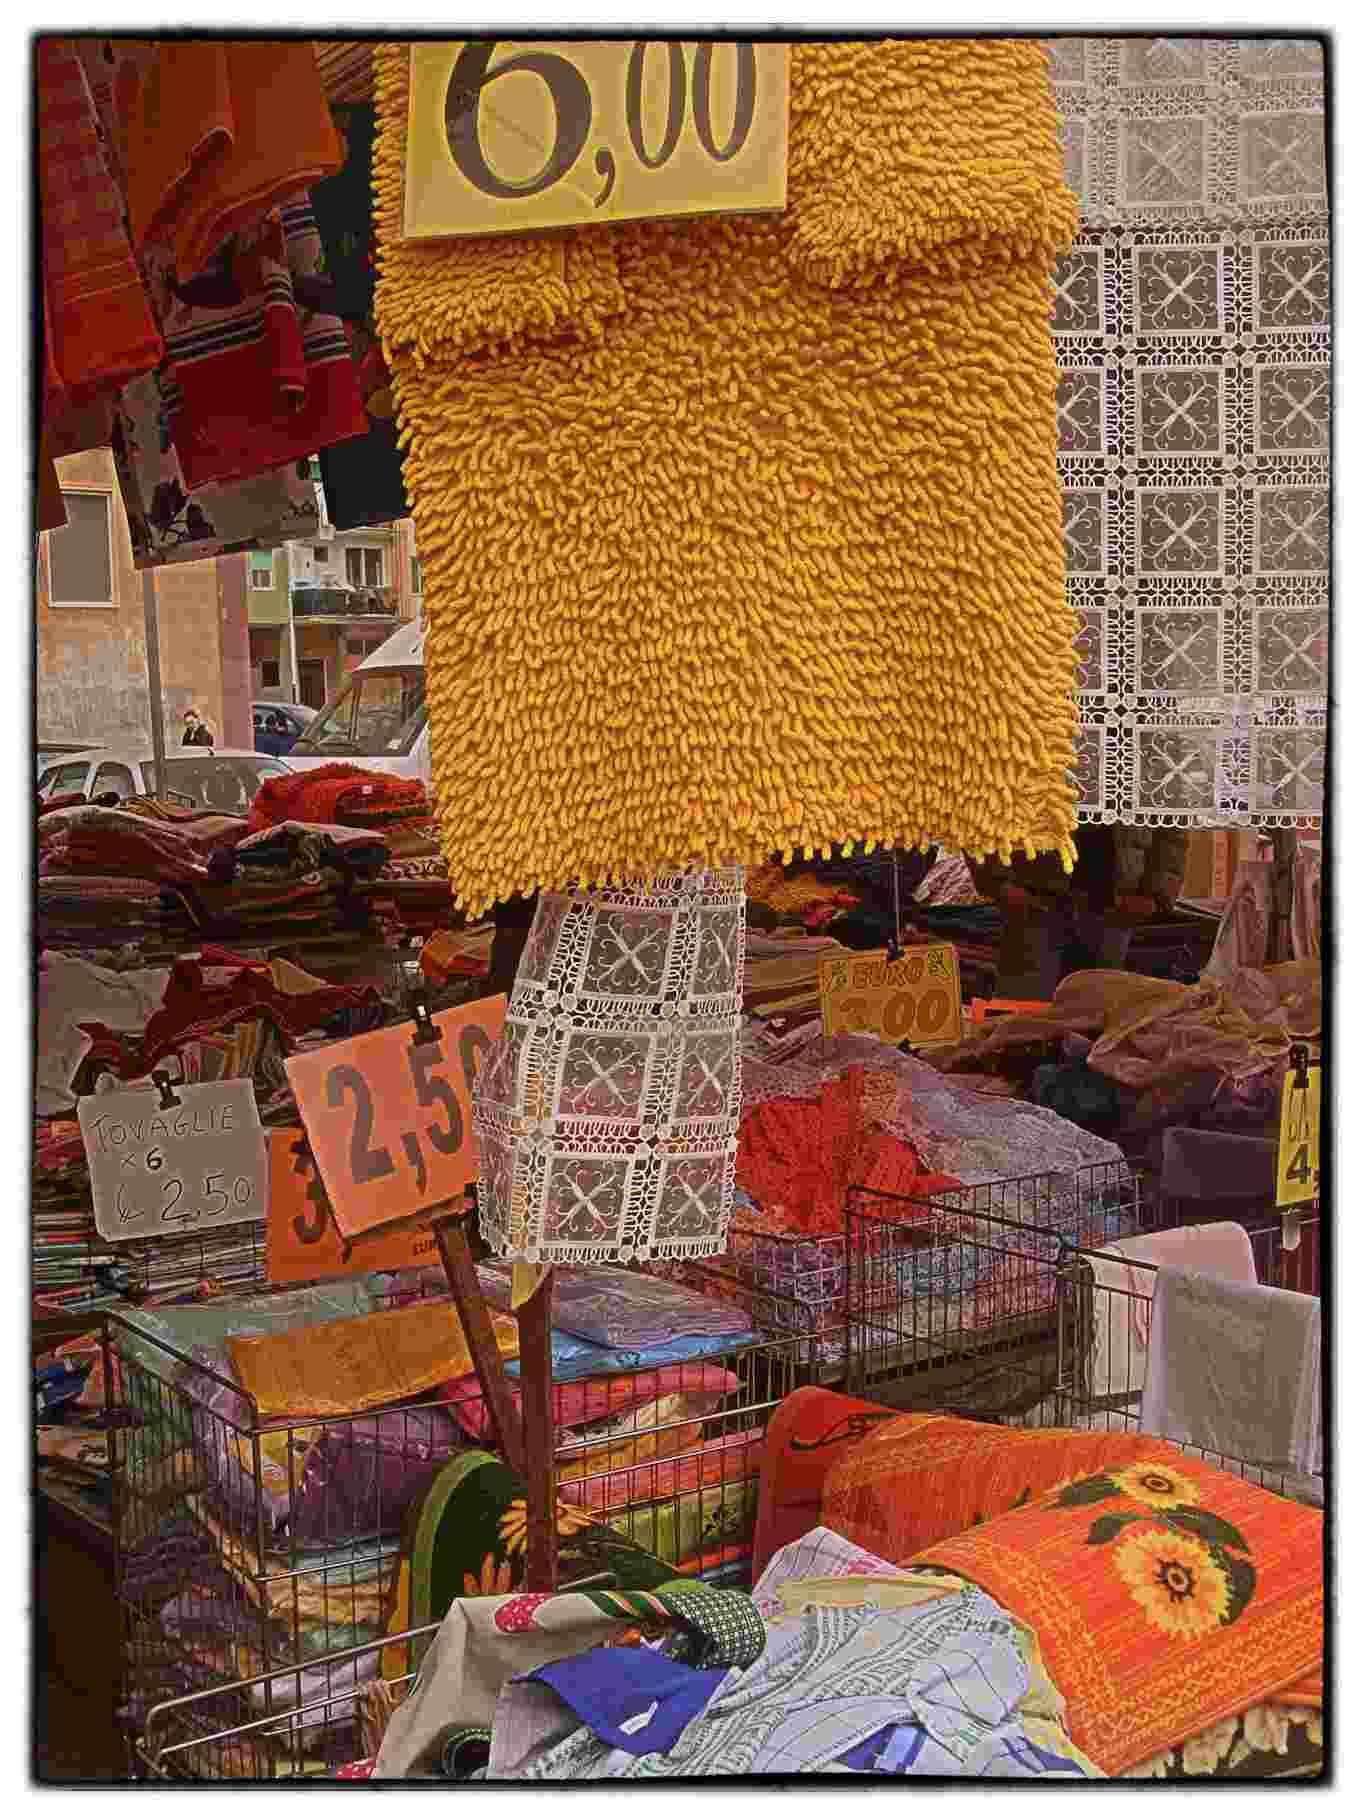 Handtücher, Tischdecken, Teppiche usw. auf dem Wochenmarkt Brindisi